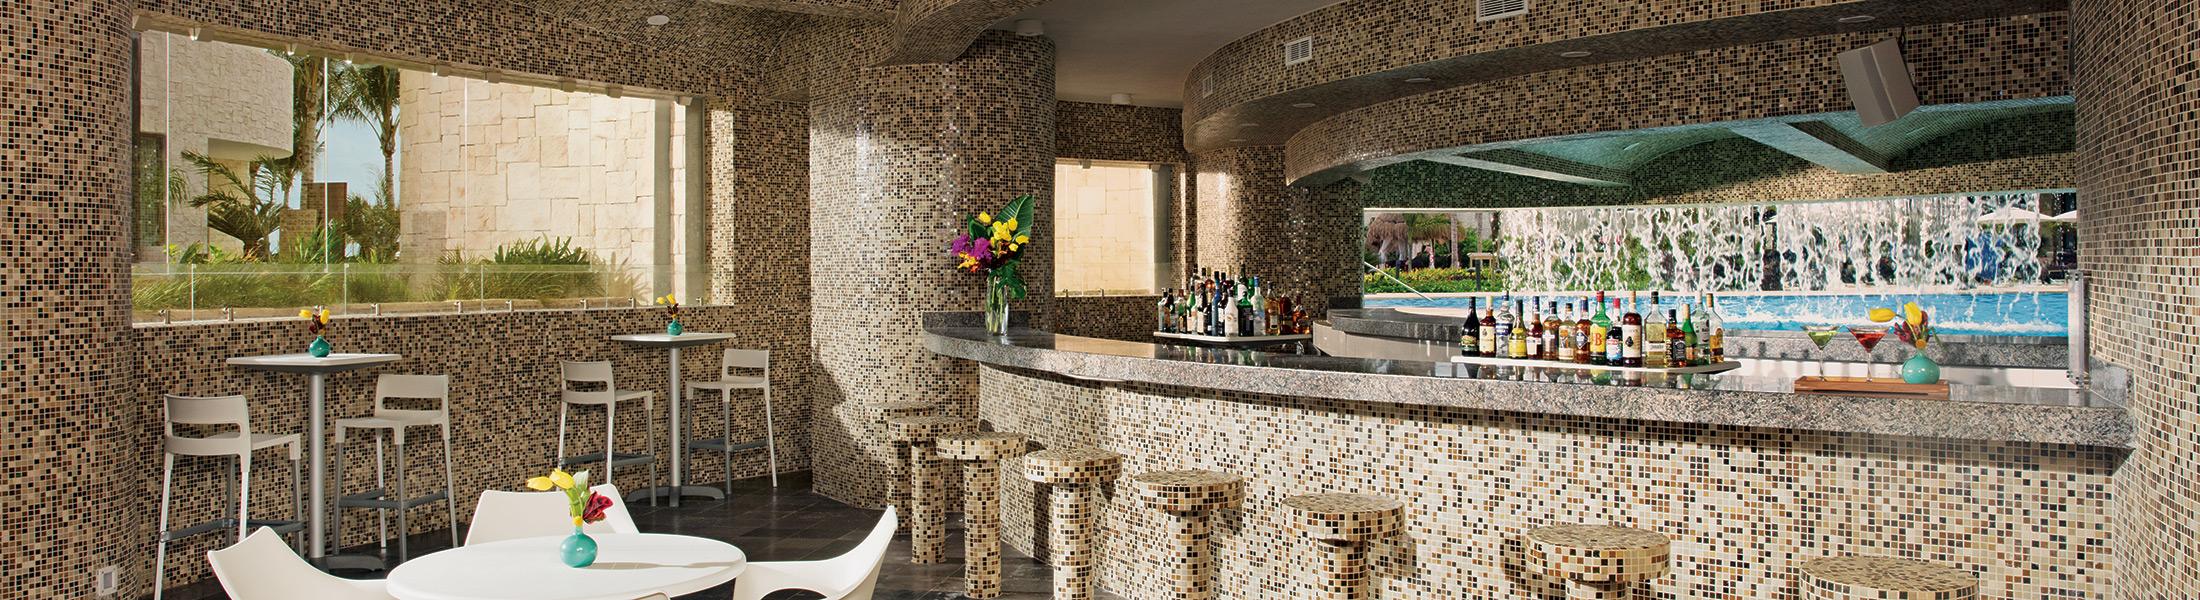 Grotto Bar at Dreams Playa Mujeres